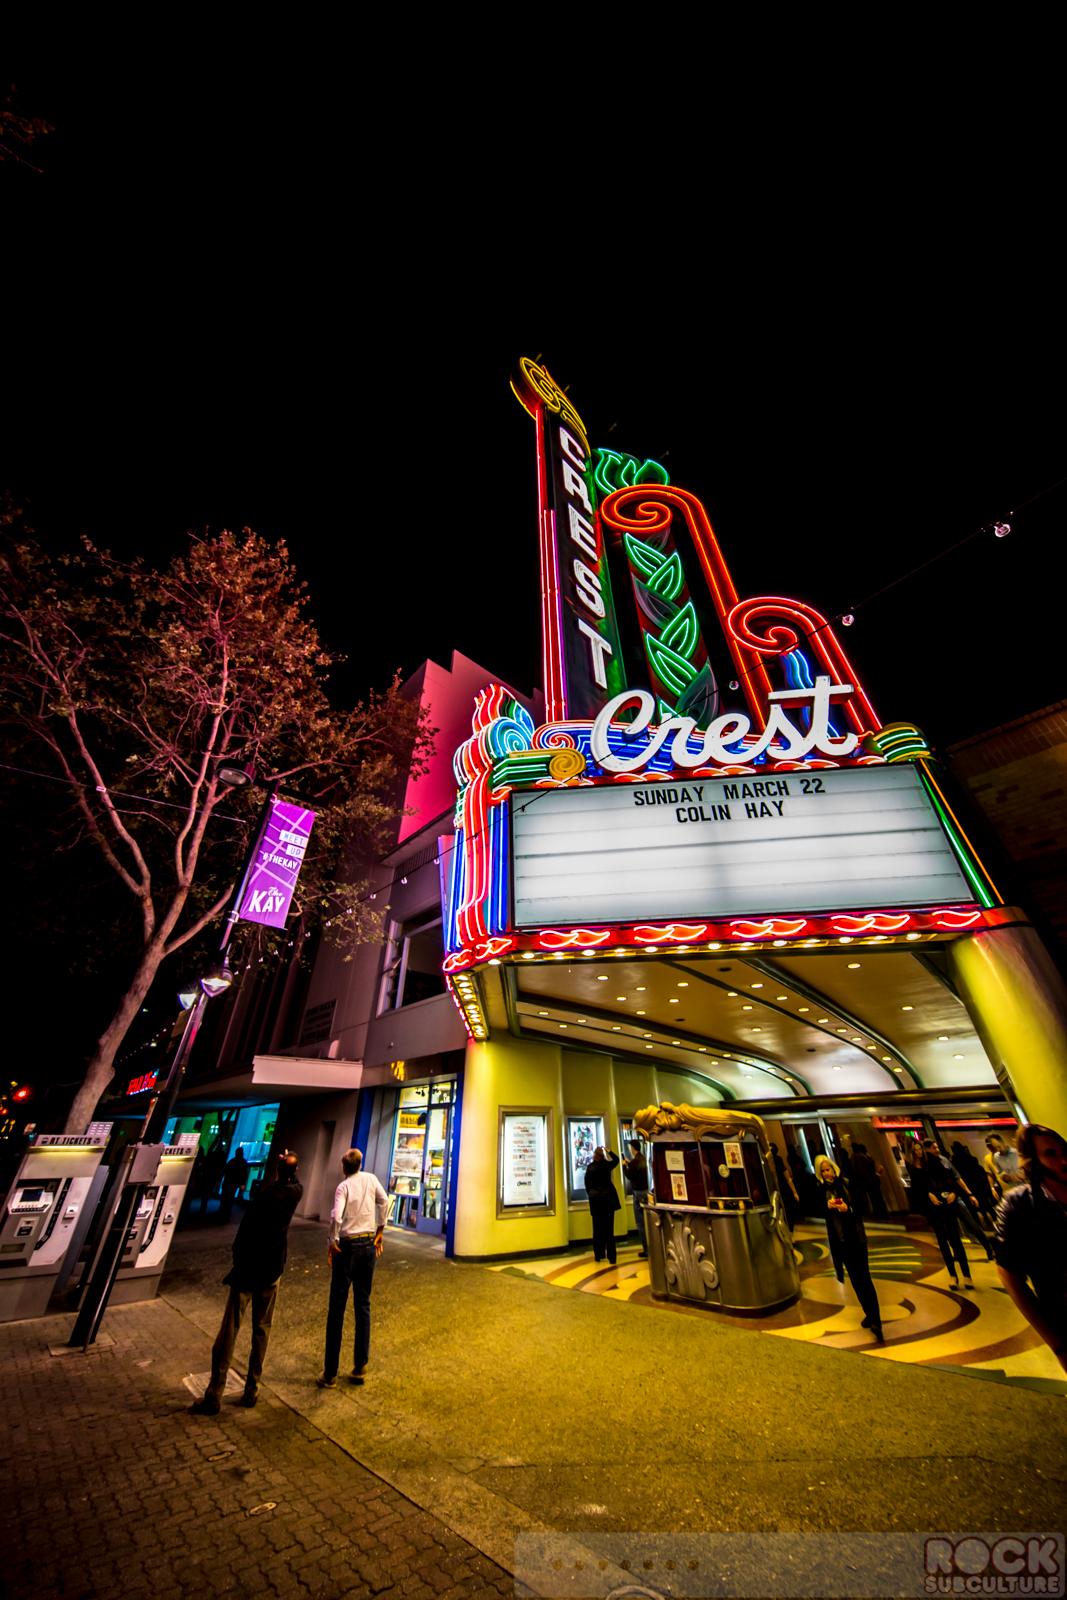 Colin Hay at Crest Theatre | Sacramento, California | 3/22 ...